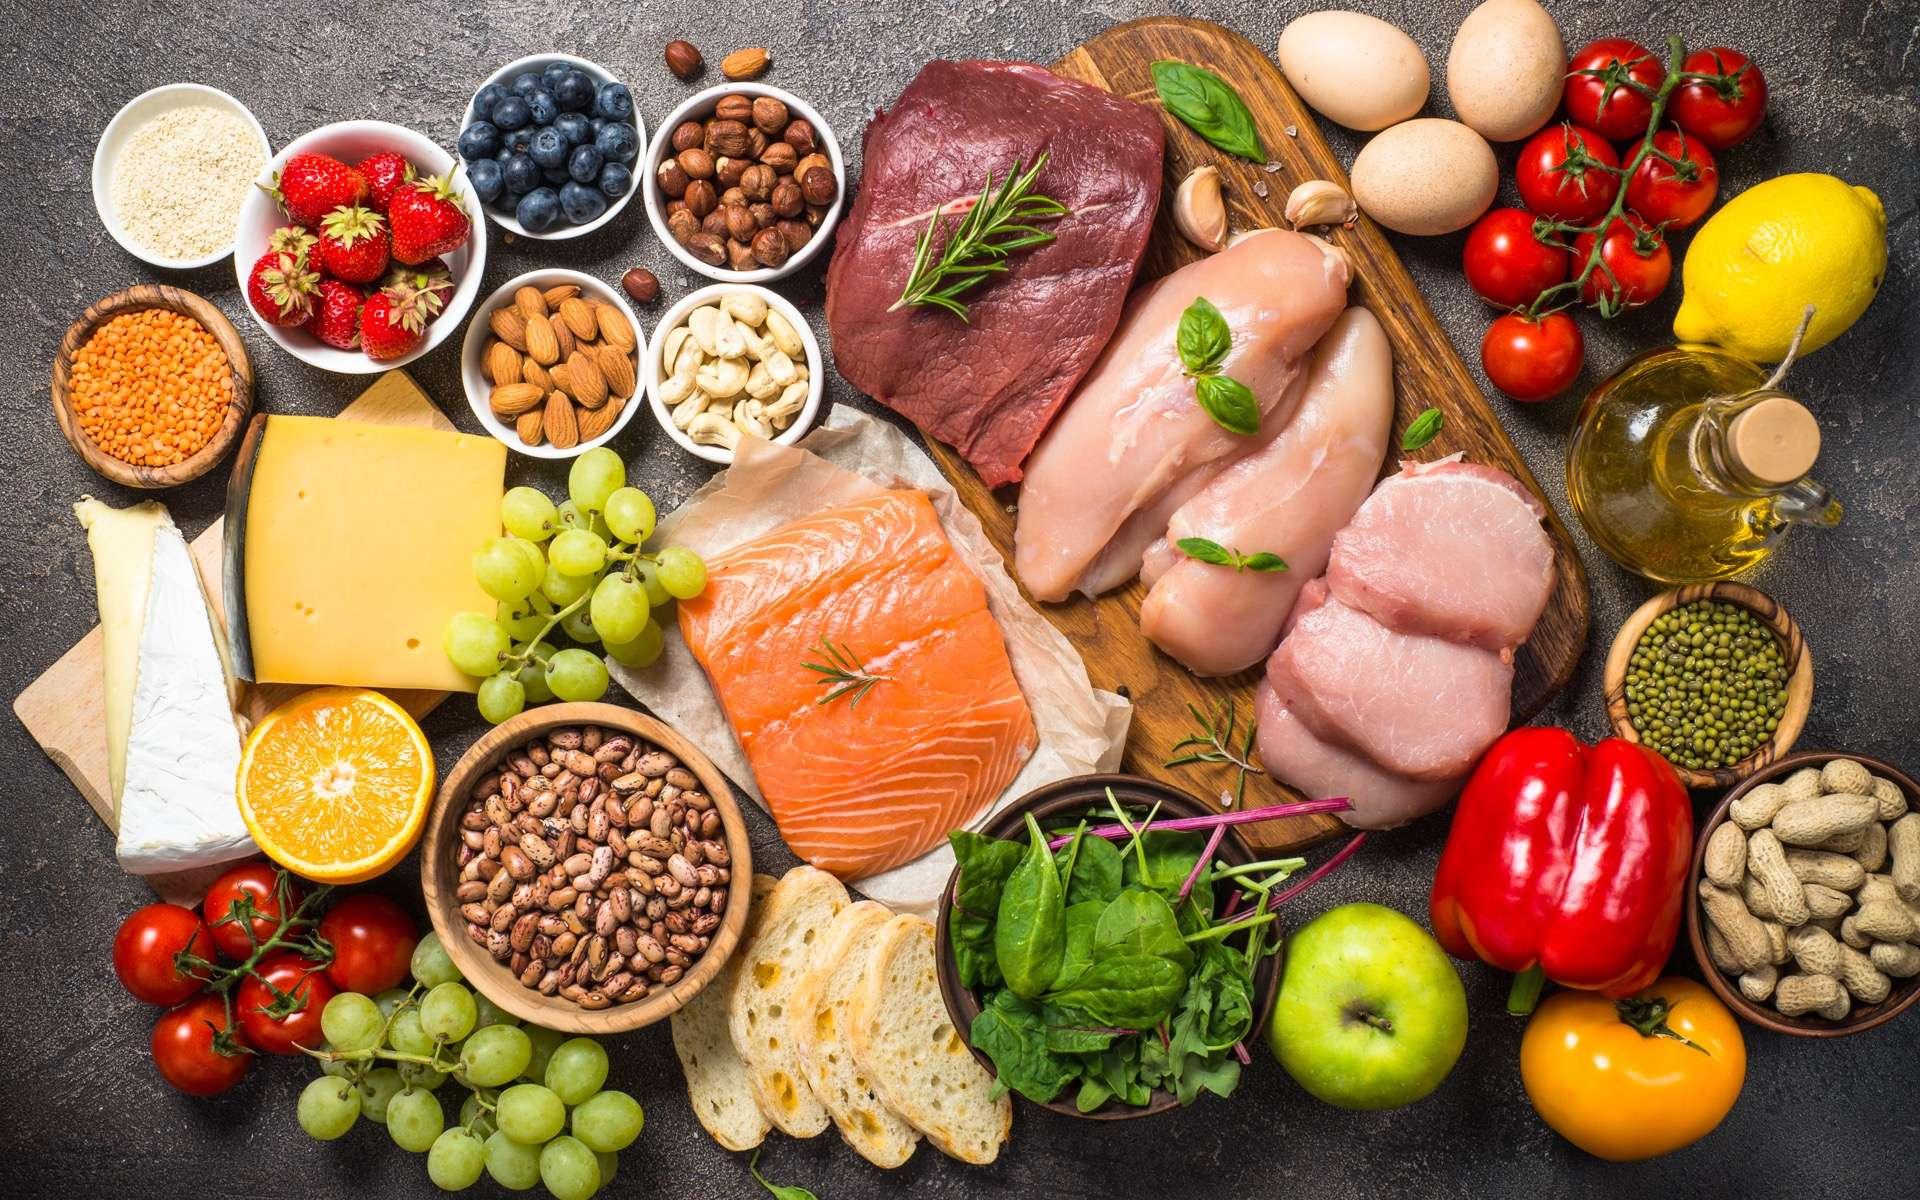 L'alimentation joue un rôle important dans la composition du microbiote intestinal. En effet, à partir des aliments consommés, les bactéries intestinales produisent des composés organiques, les métabolites, qui peuvent avoir un impact sur la santé. © nadianb, Adobe Stock